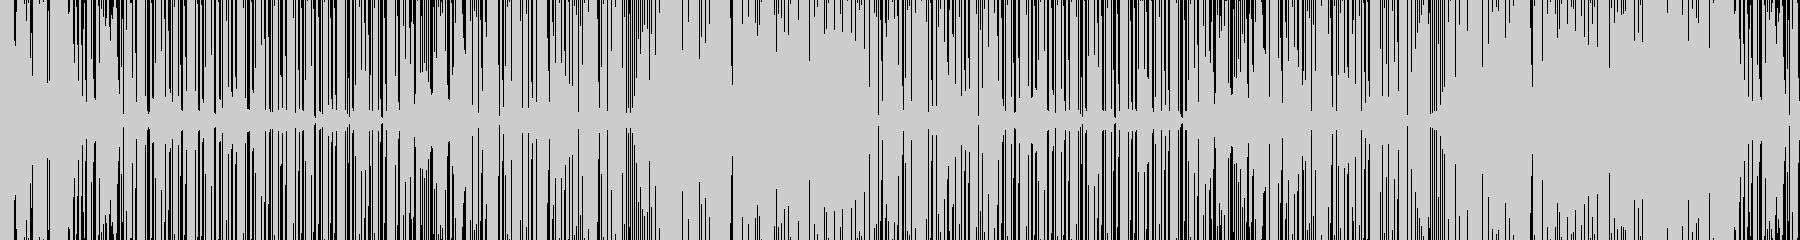 思わず踊ってしまう SynthMusicの未再生の波形